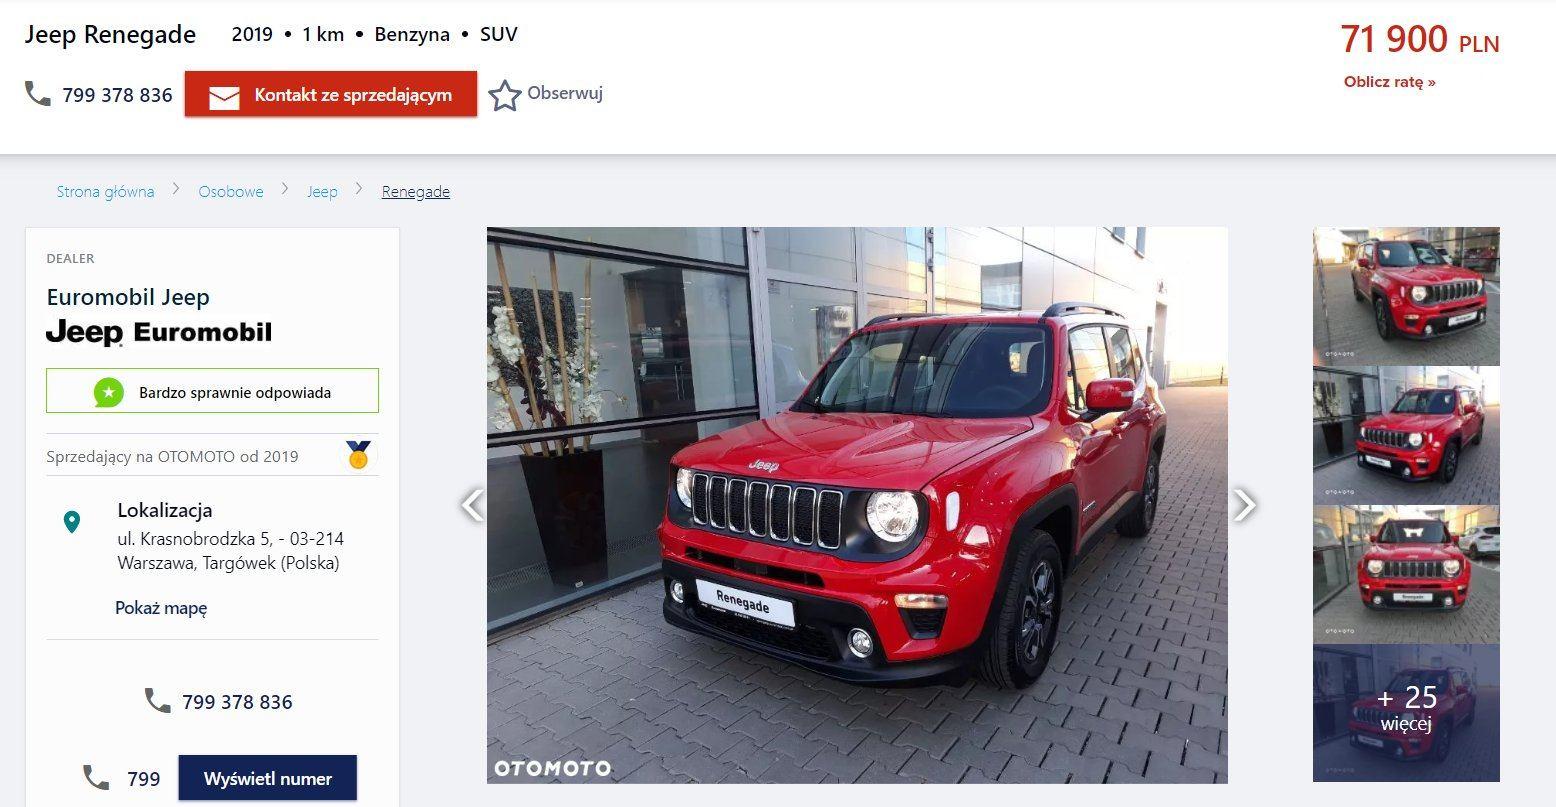 Oferta sprzedaży: Jeep Renegade, źródło: OtoMoto